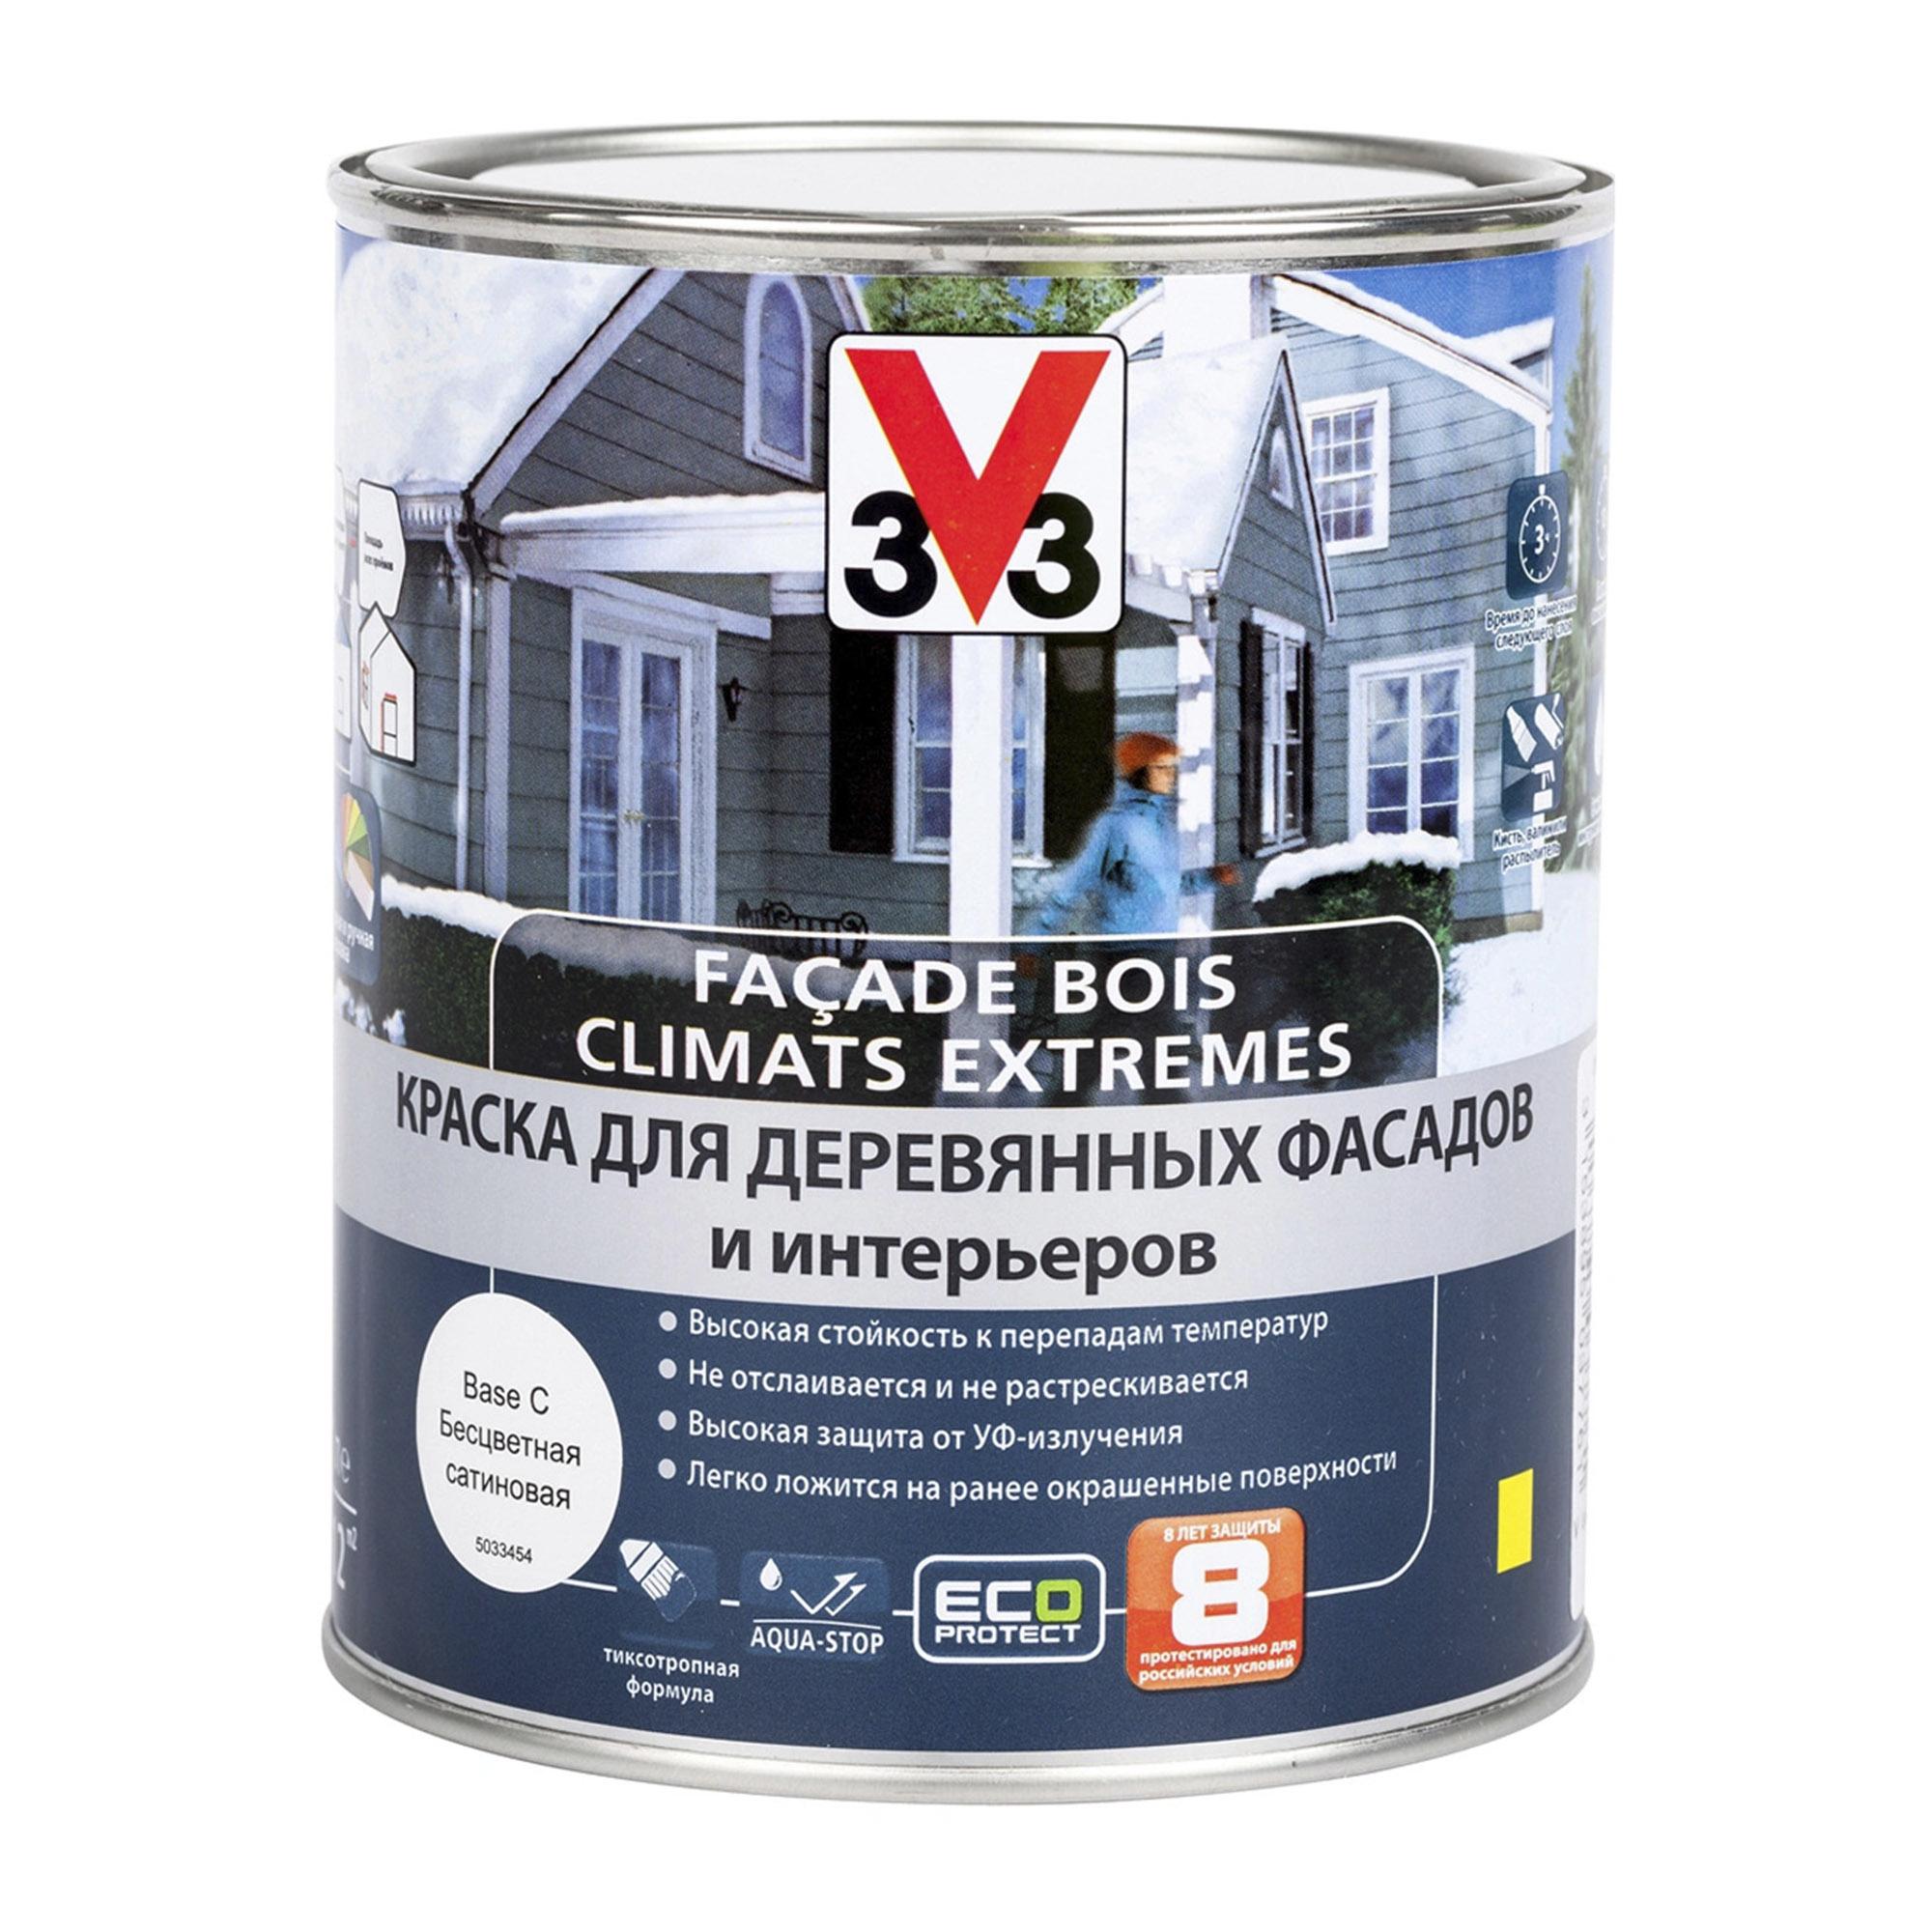 Краска V33 Facade Bois Climats Extremes для деревянных фасадов и интерьеров База С 2,5 л фото